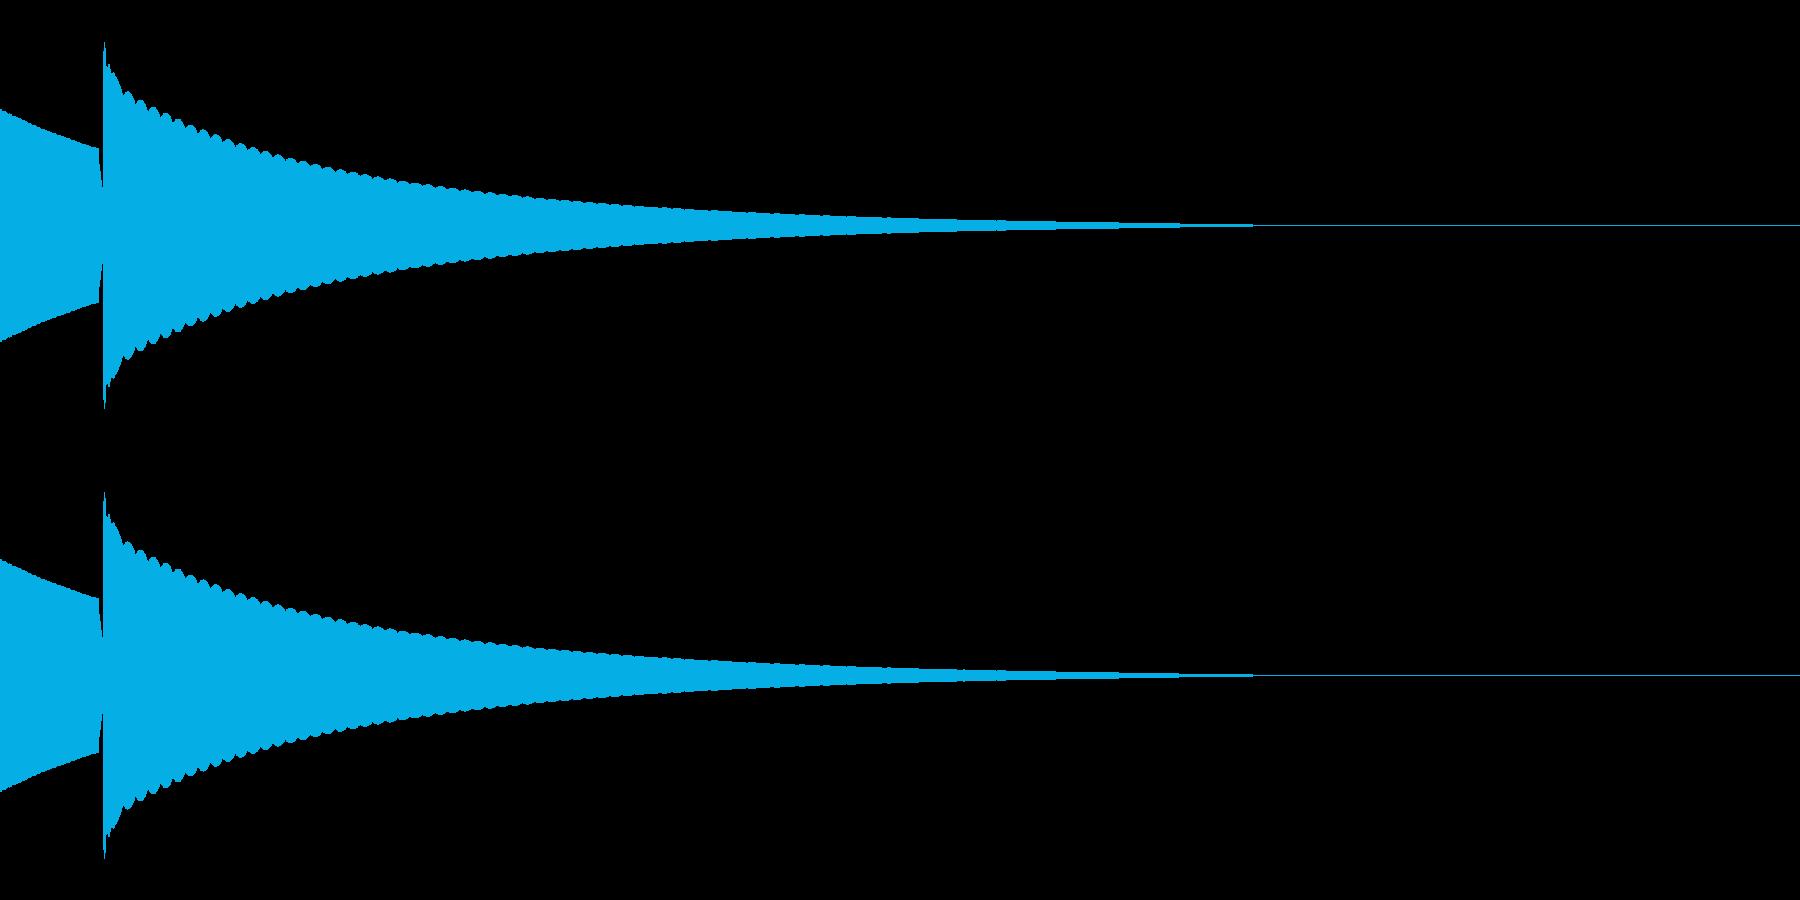 キラッ(星/コイン/アイテム)の再生済みの波形